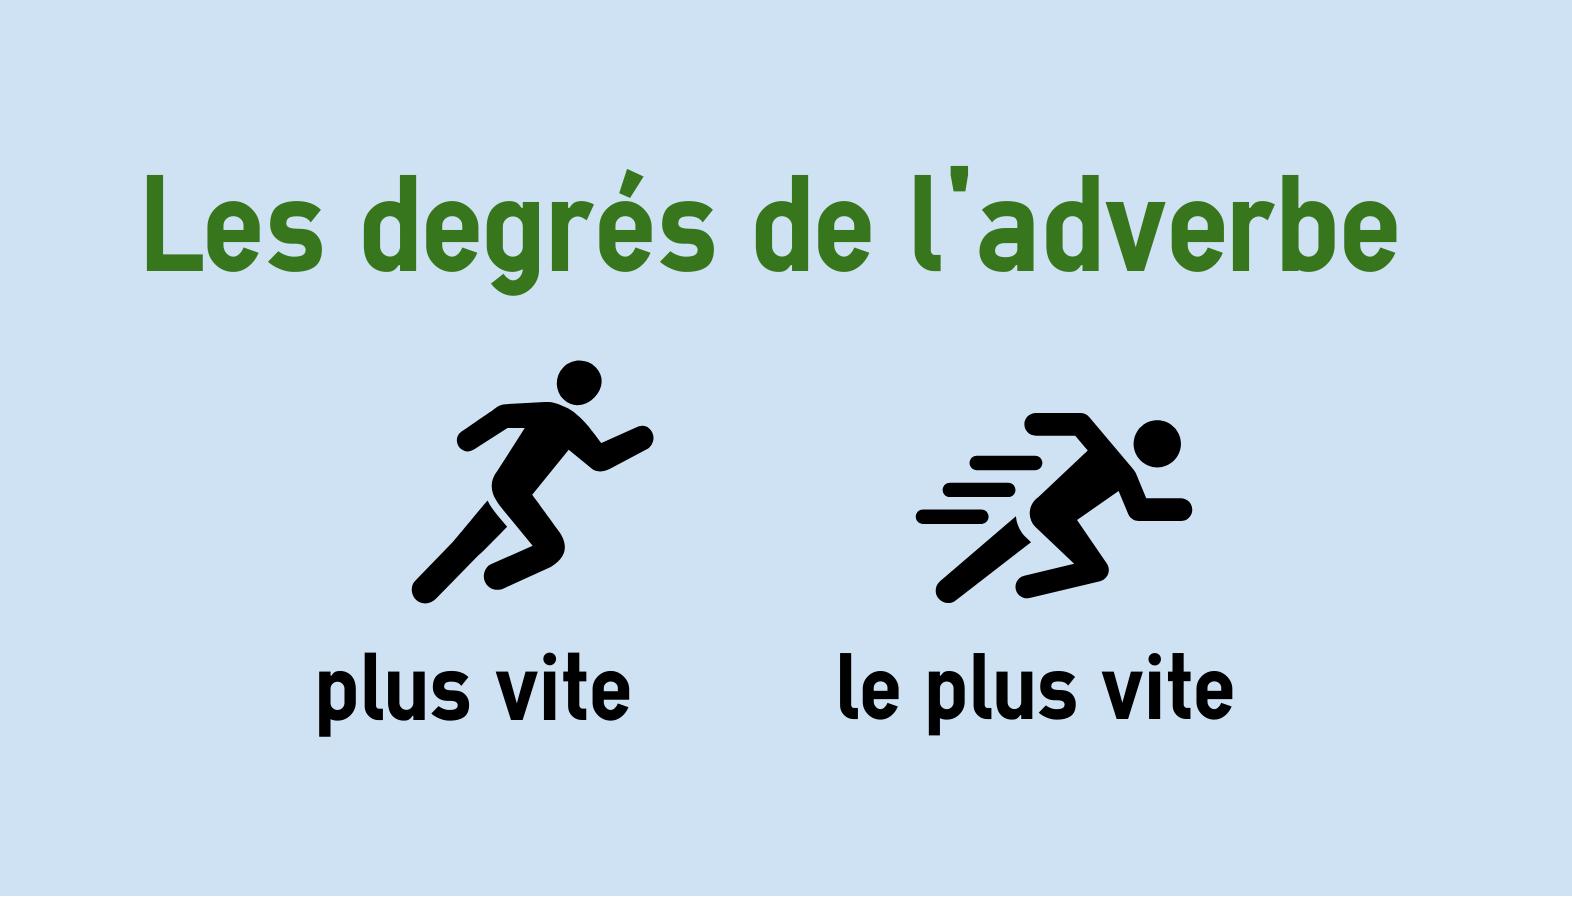 Steigerung der Adverbien im Französischen